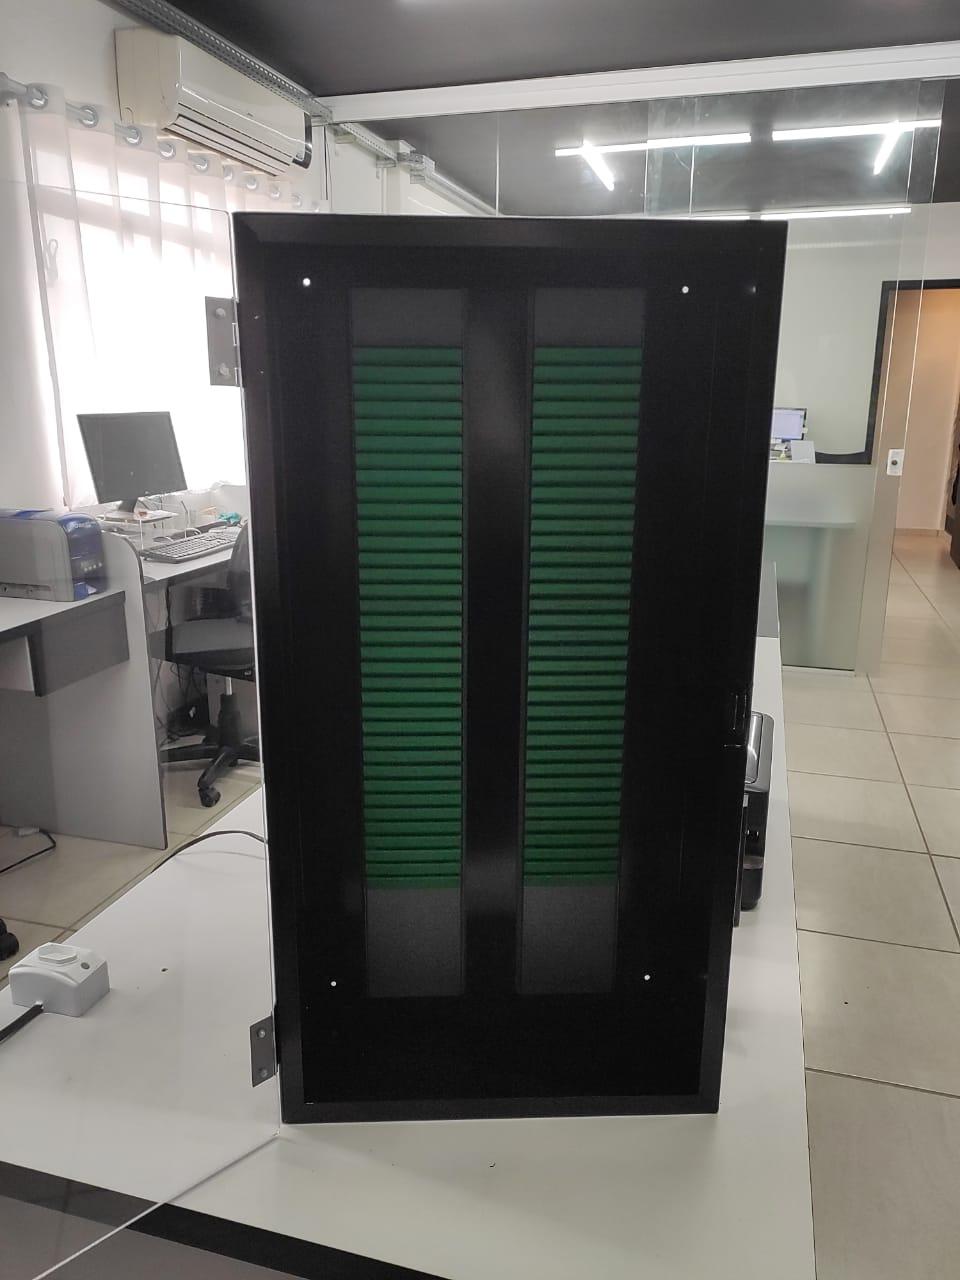 Caixa para suporte kanban  - Towbar Sinalização de Segurança